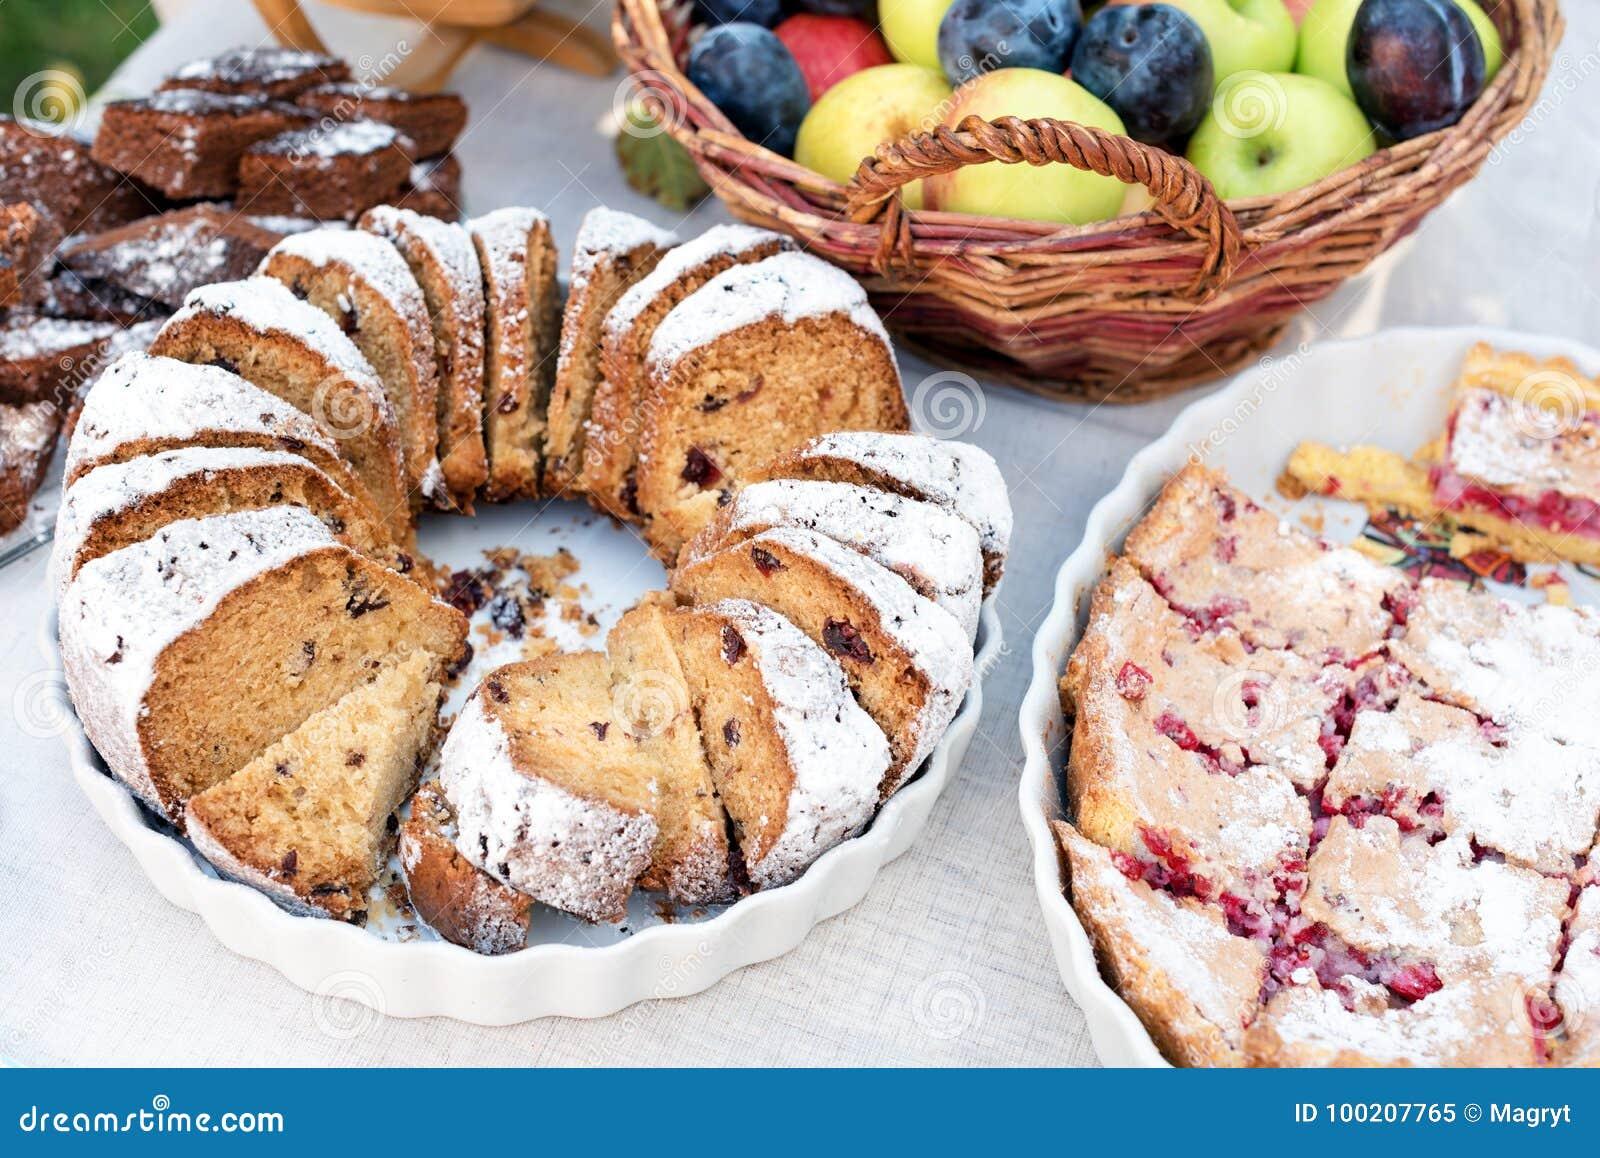 甜蛋糕,饼干,点心,自创草莓饼馅饼 结块,甜点与糖粉末的被烘烤的酥皮点心食物和